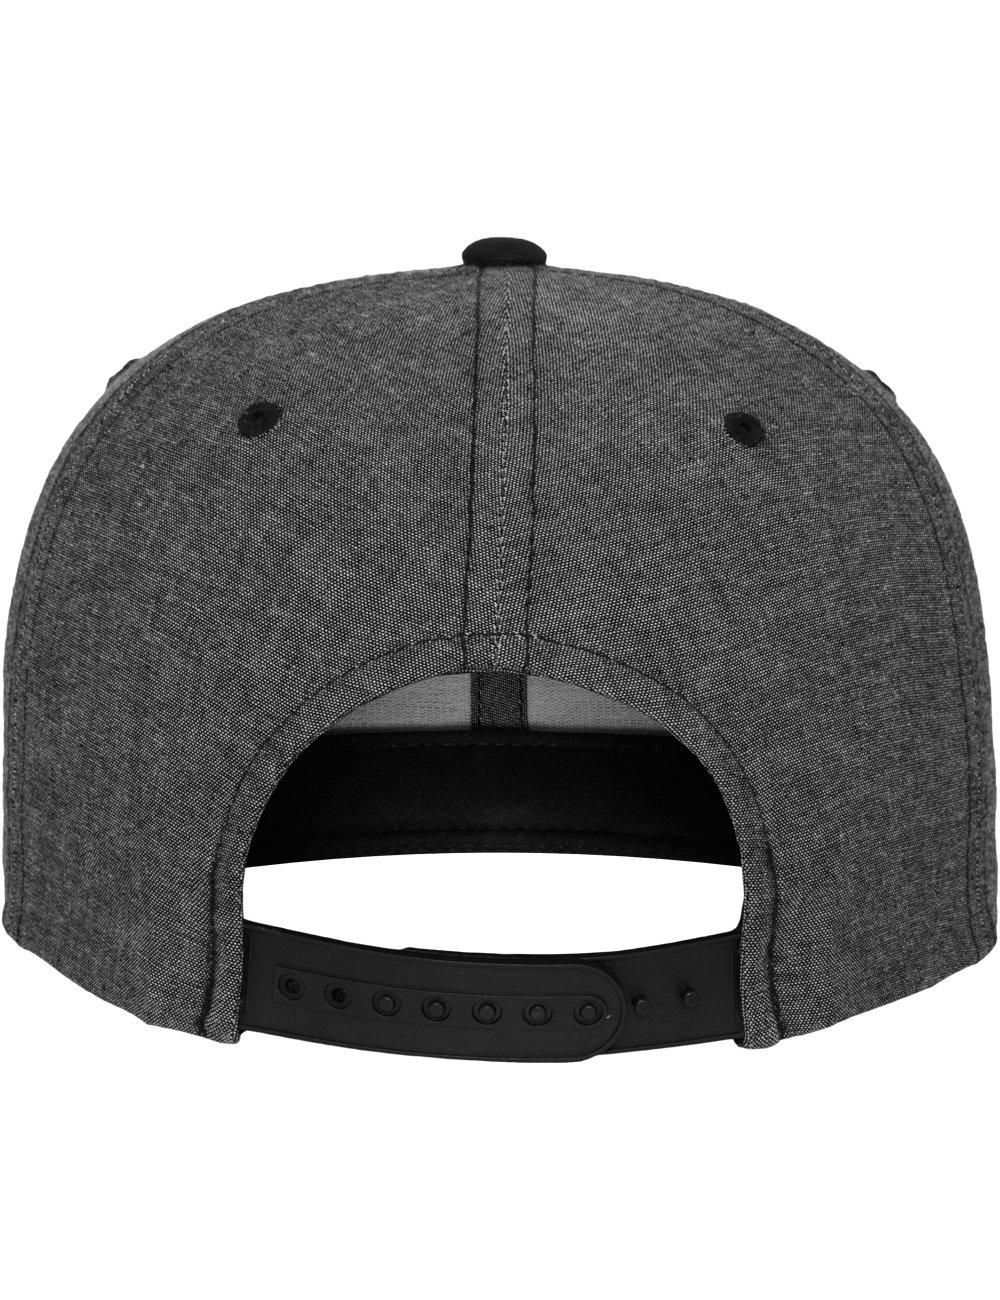 Flexfit Mütze Chambray-Suede Snapback - Gorra de náutica, Color, Talla DE: One Size: Amazon.es: Deportes y aire libre